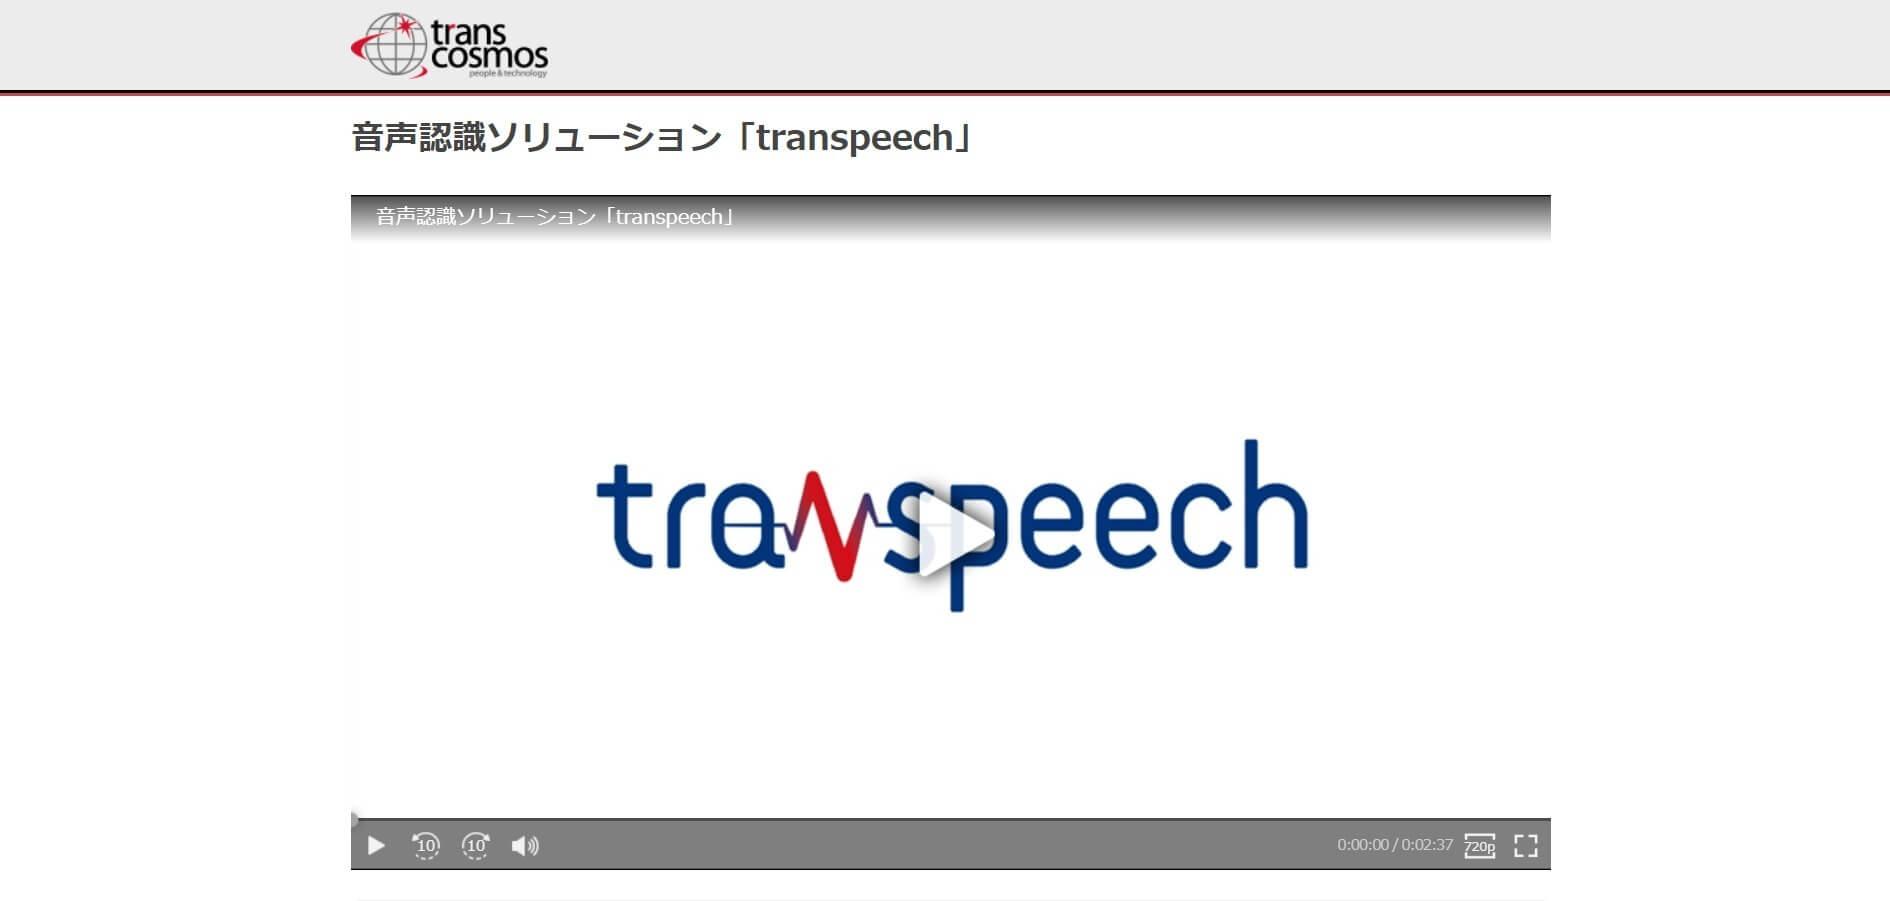 transpeech(トランスコスモス株式会社)